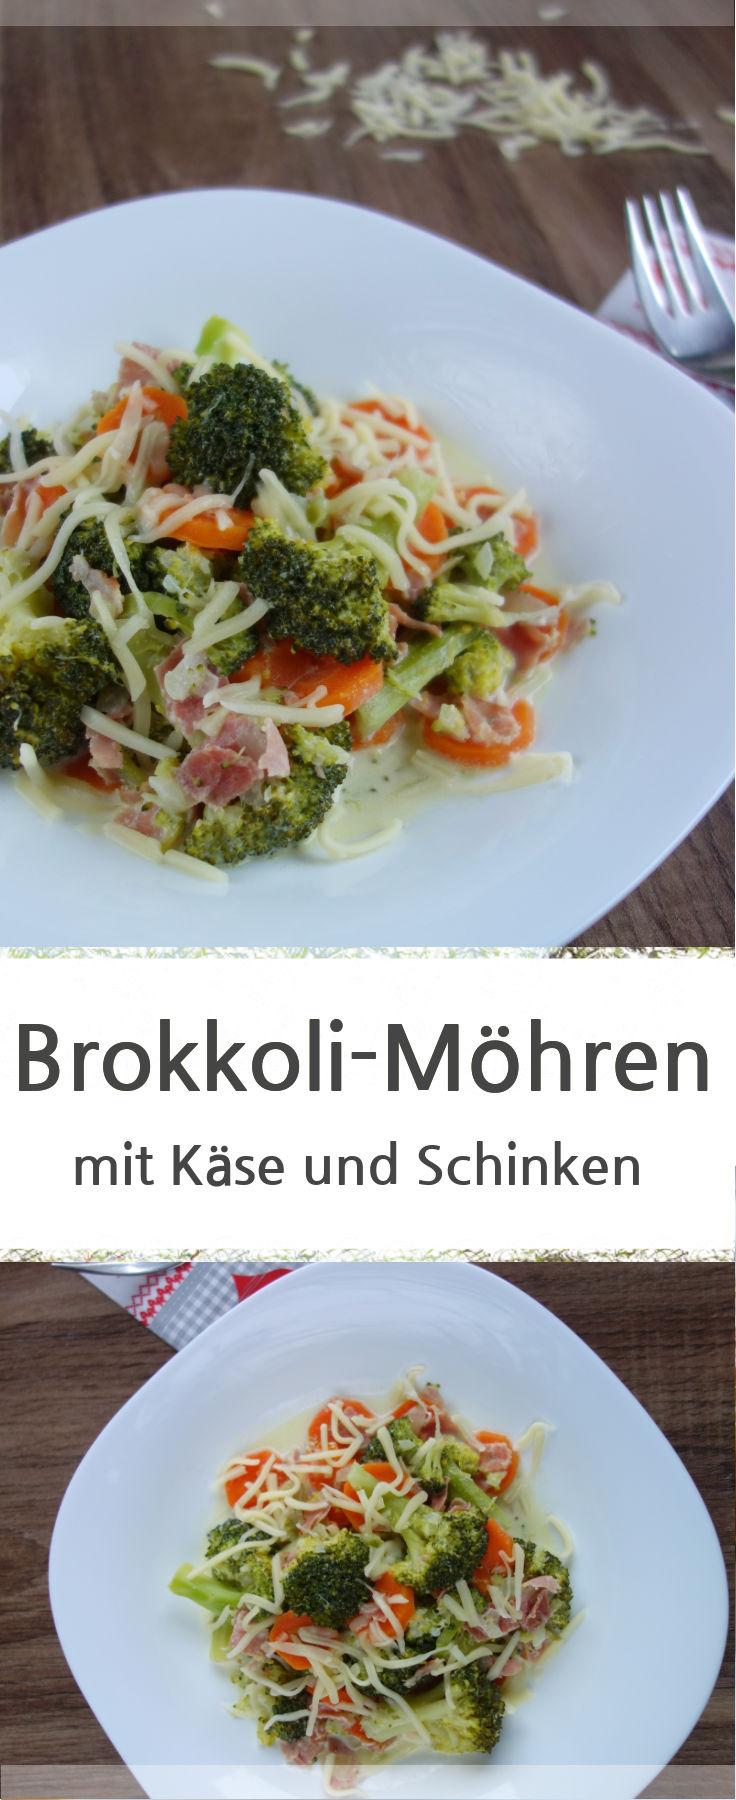 Rezept für ein leckeres Brokkoli-Gemüse-Möhren mit gedünsteten Zwiebeln und Schinken. Dazu mit Käse bestreut.